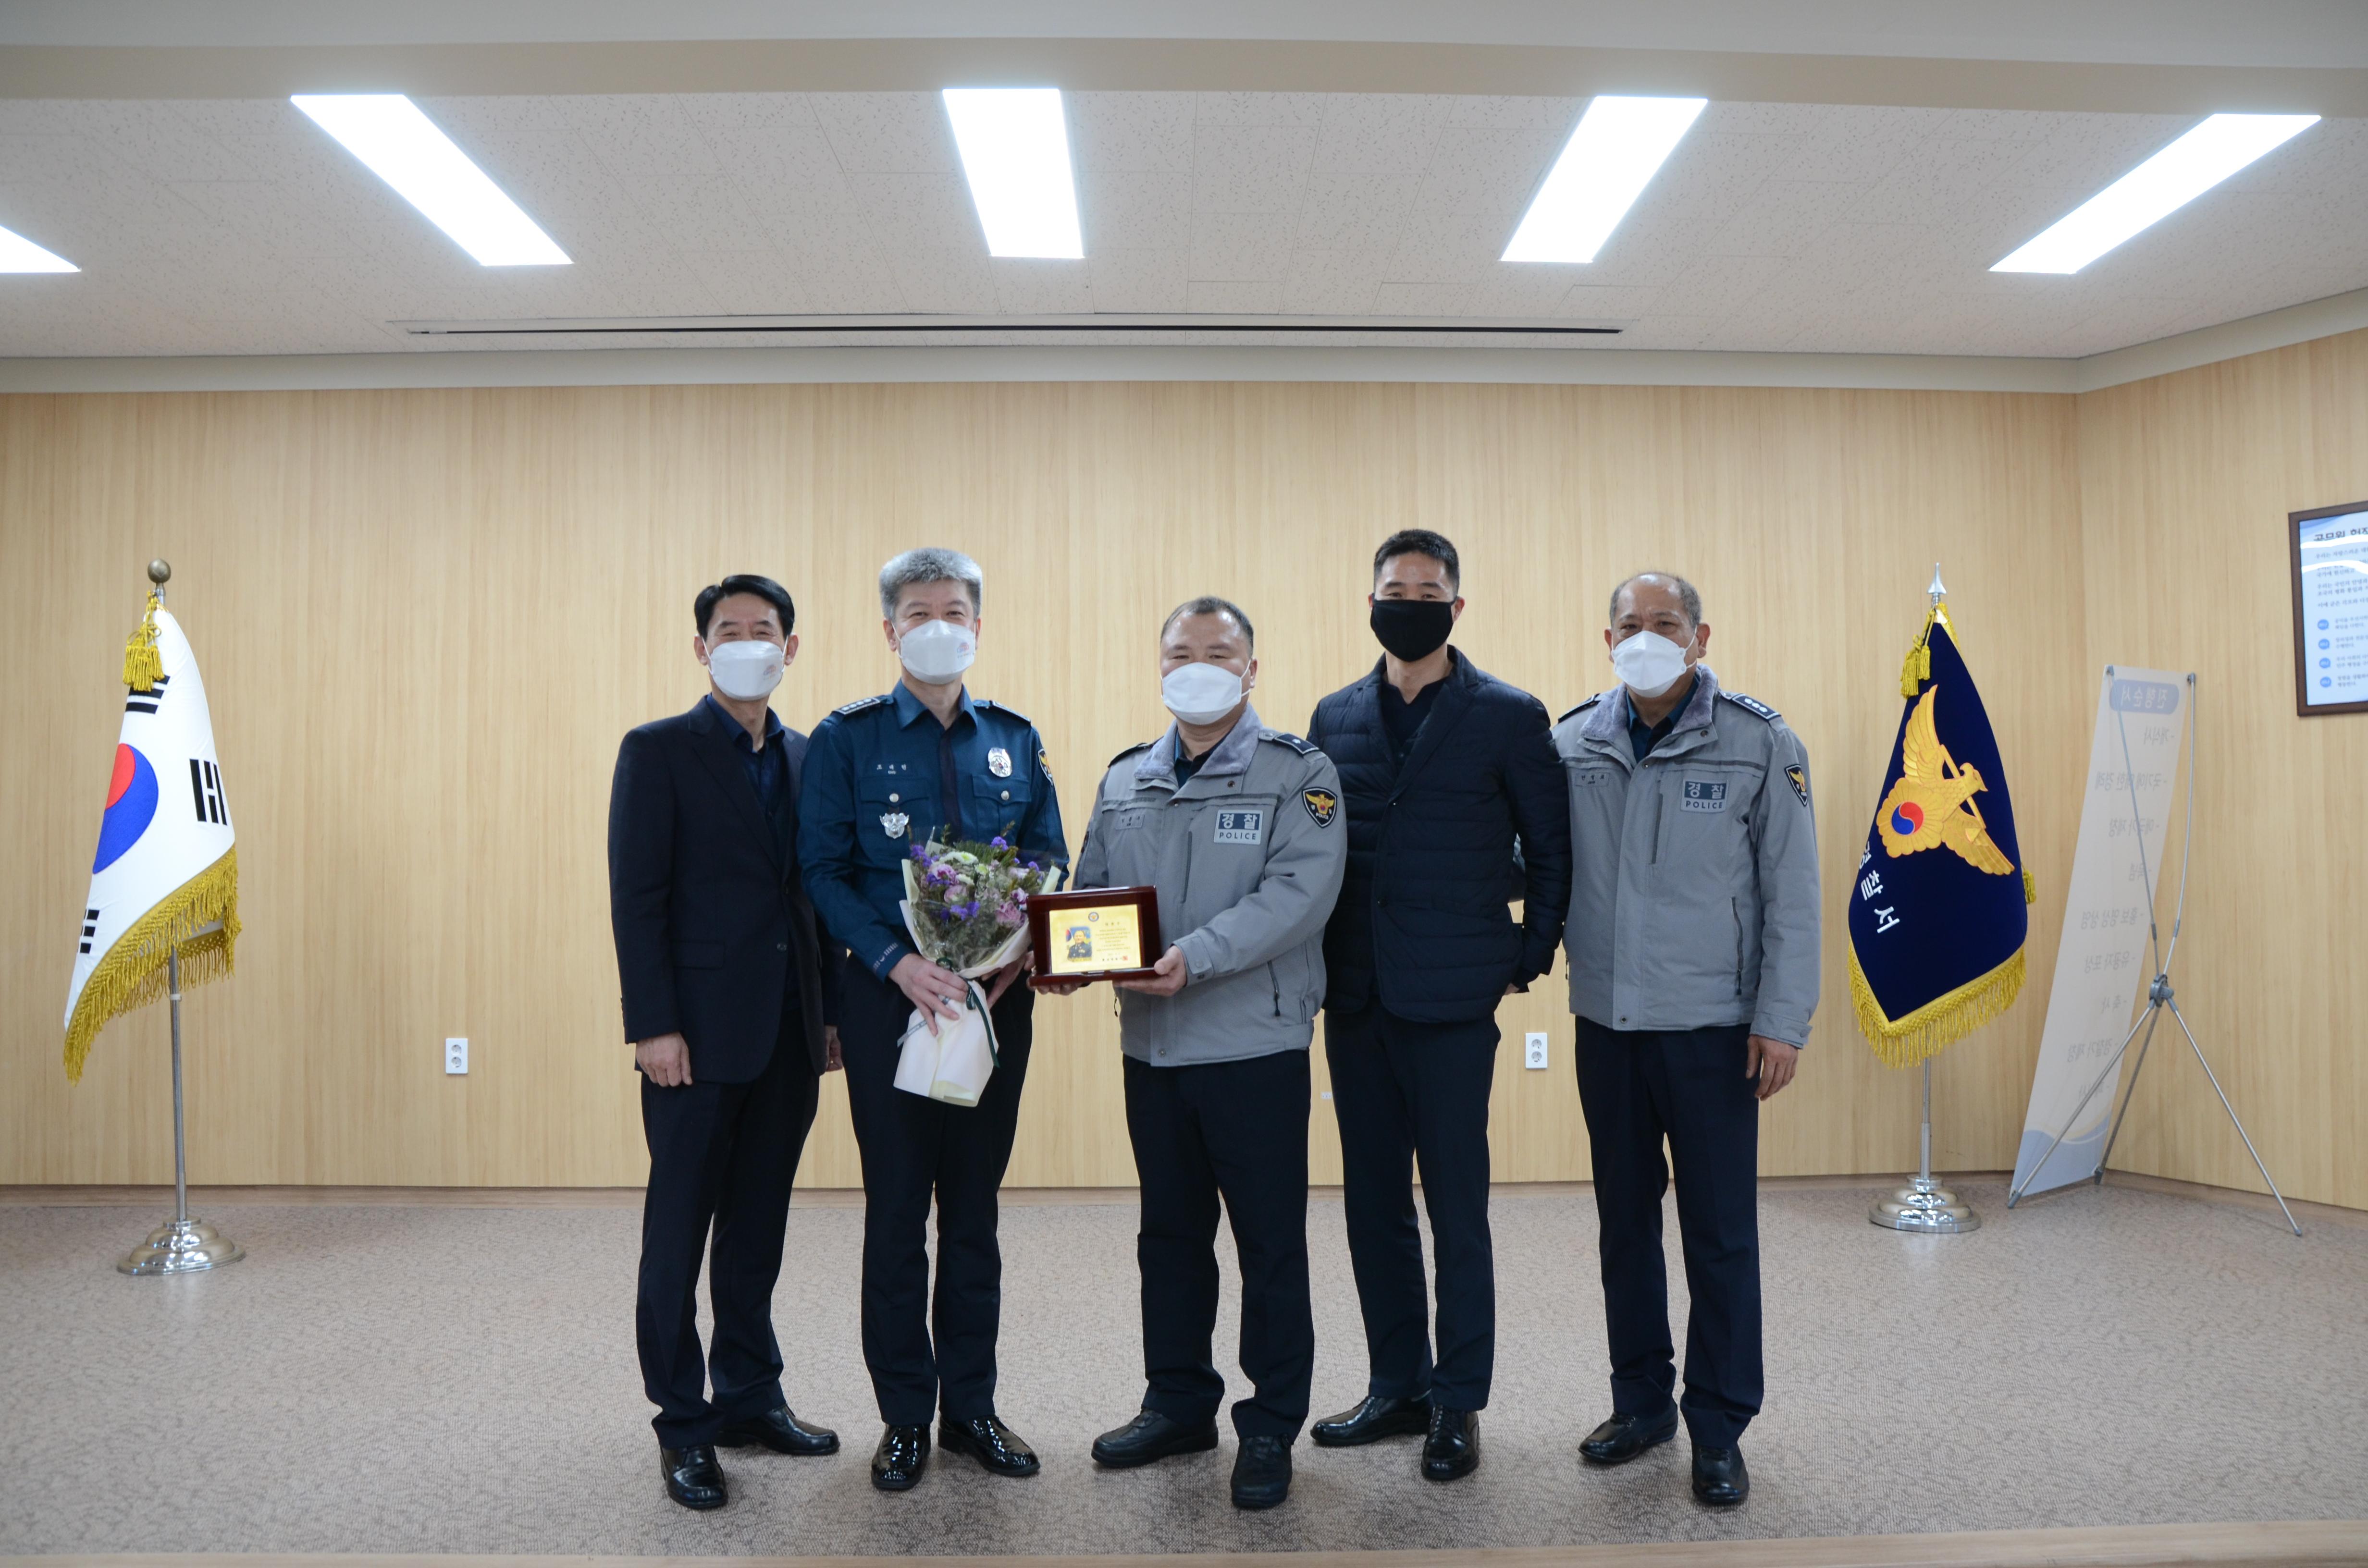 21.02.04 베스트 홍성경찰 인증패 수여